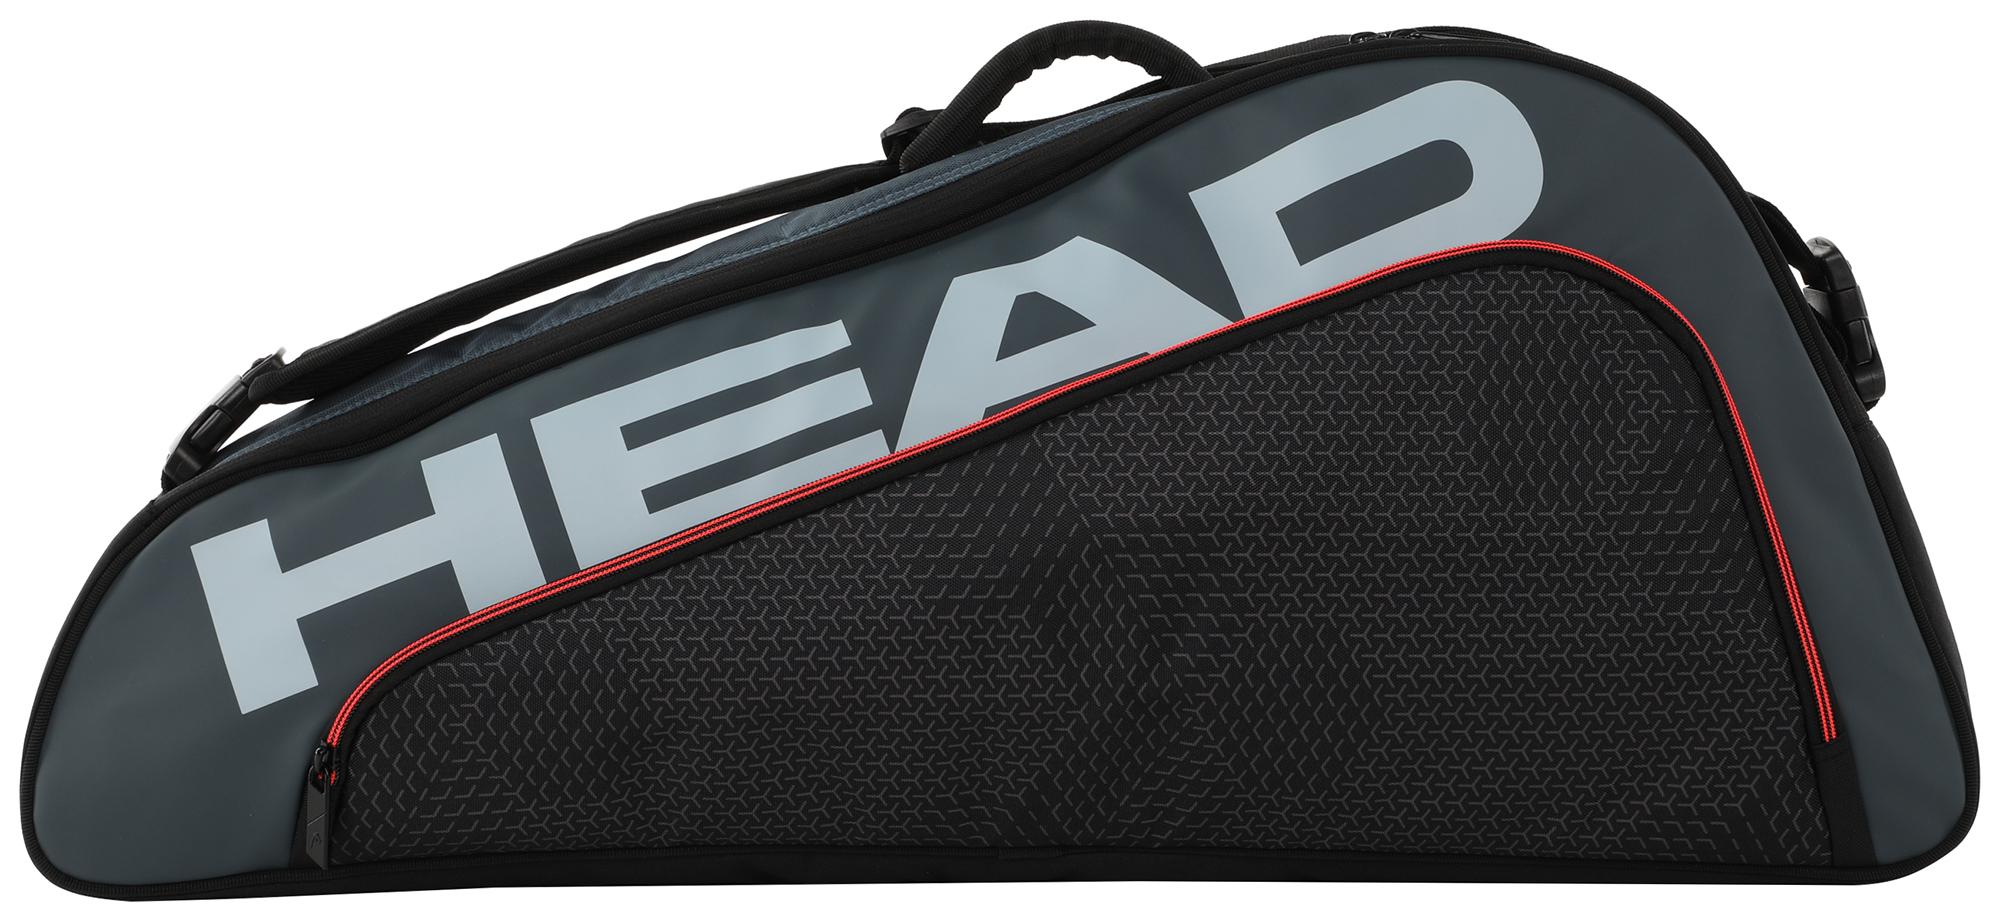 Head Сумка для 3 ракеток Head Tour Team 3R Pro head сумка head tour team 6r combi